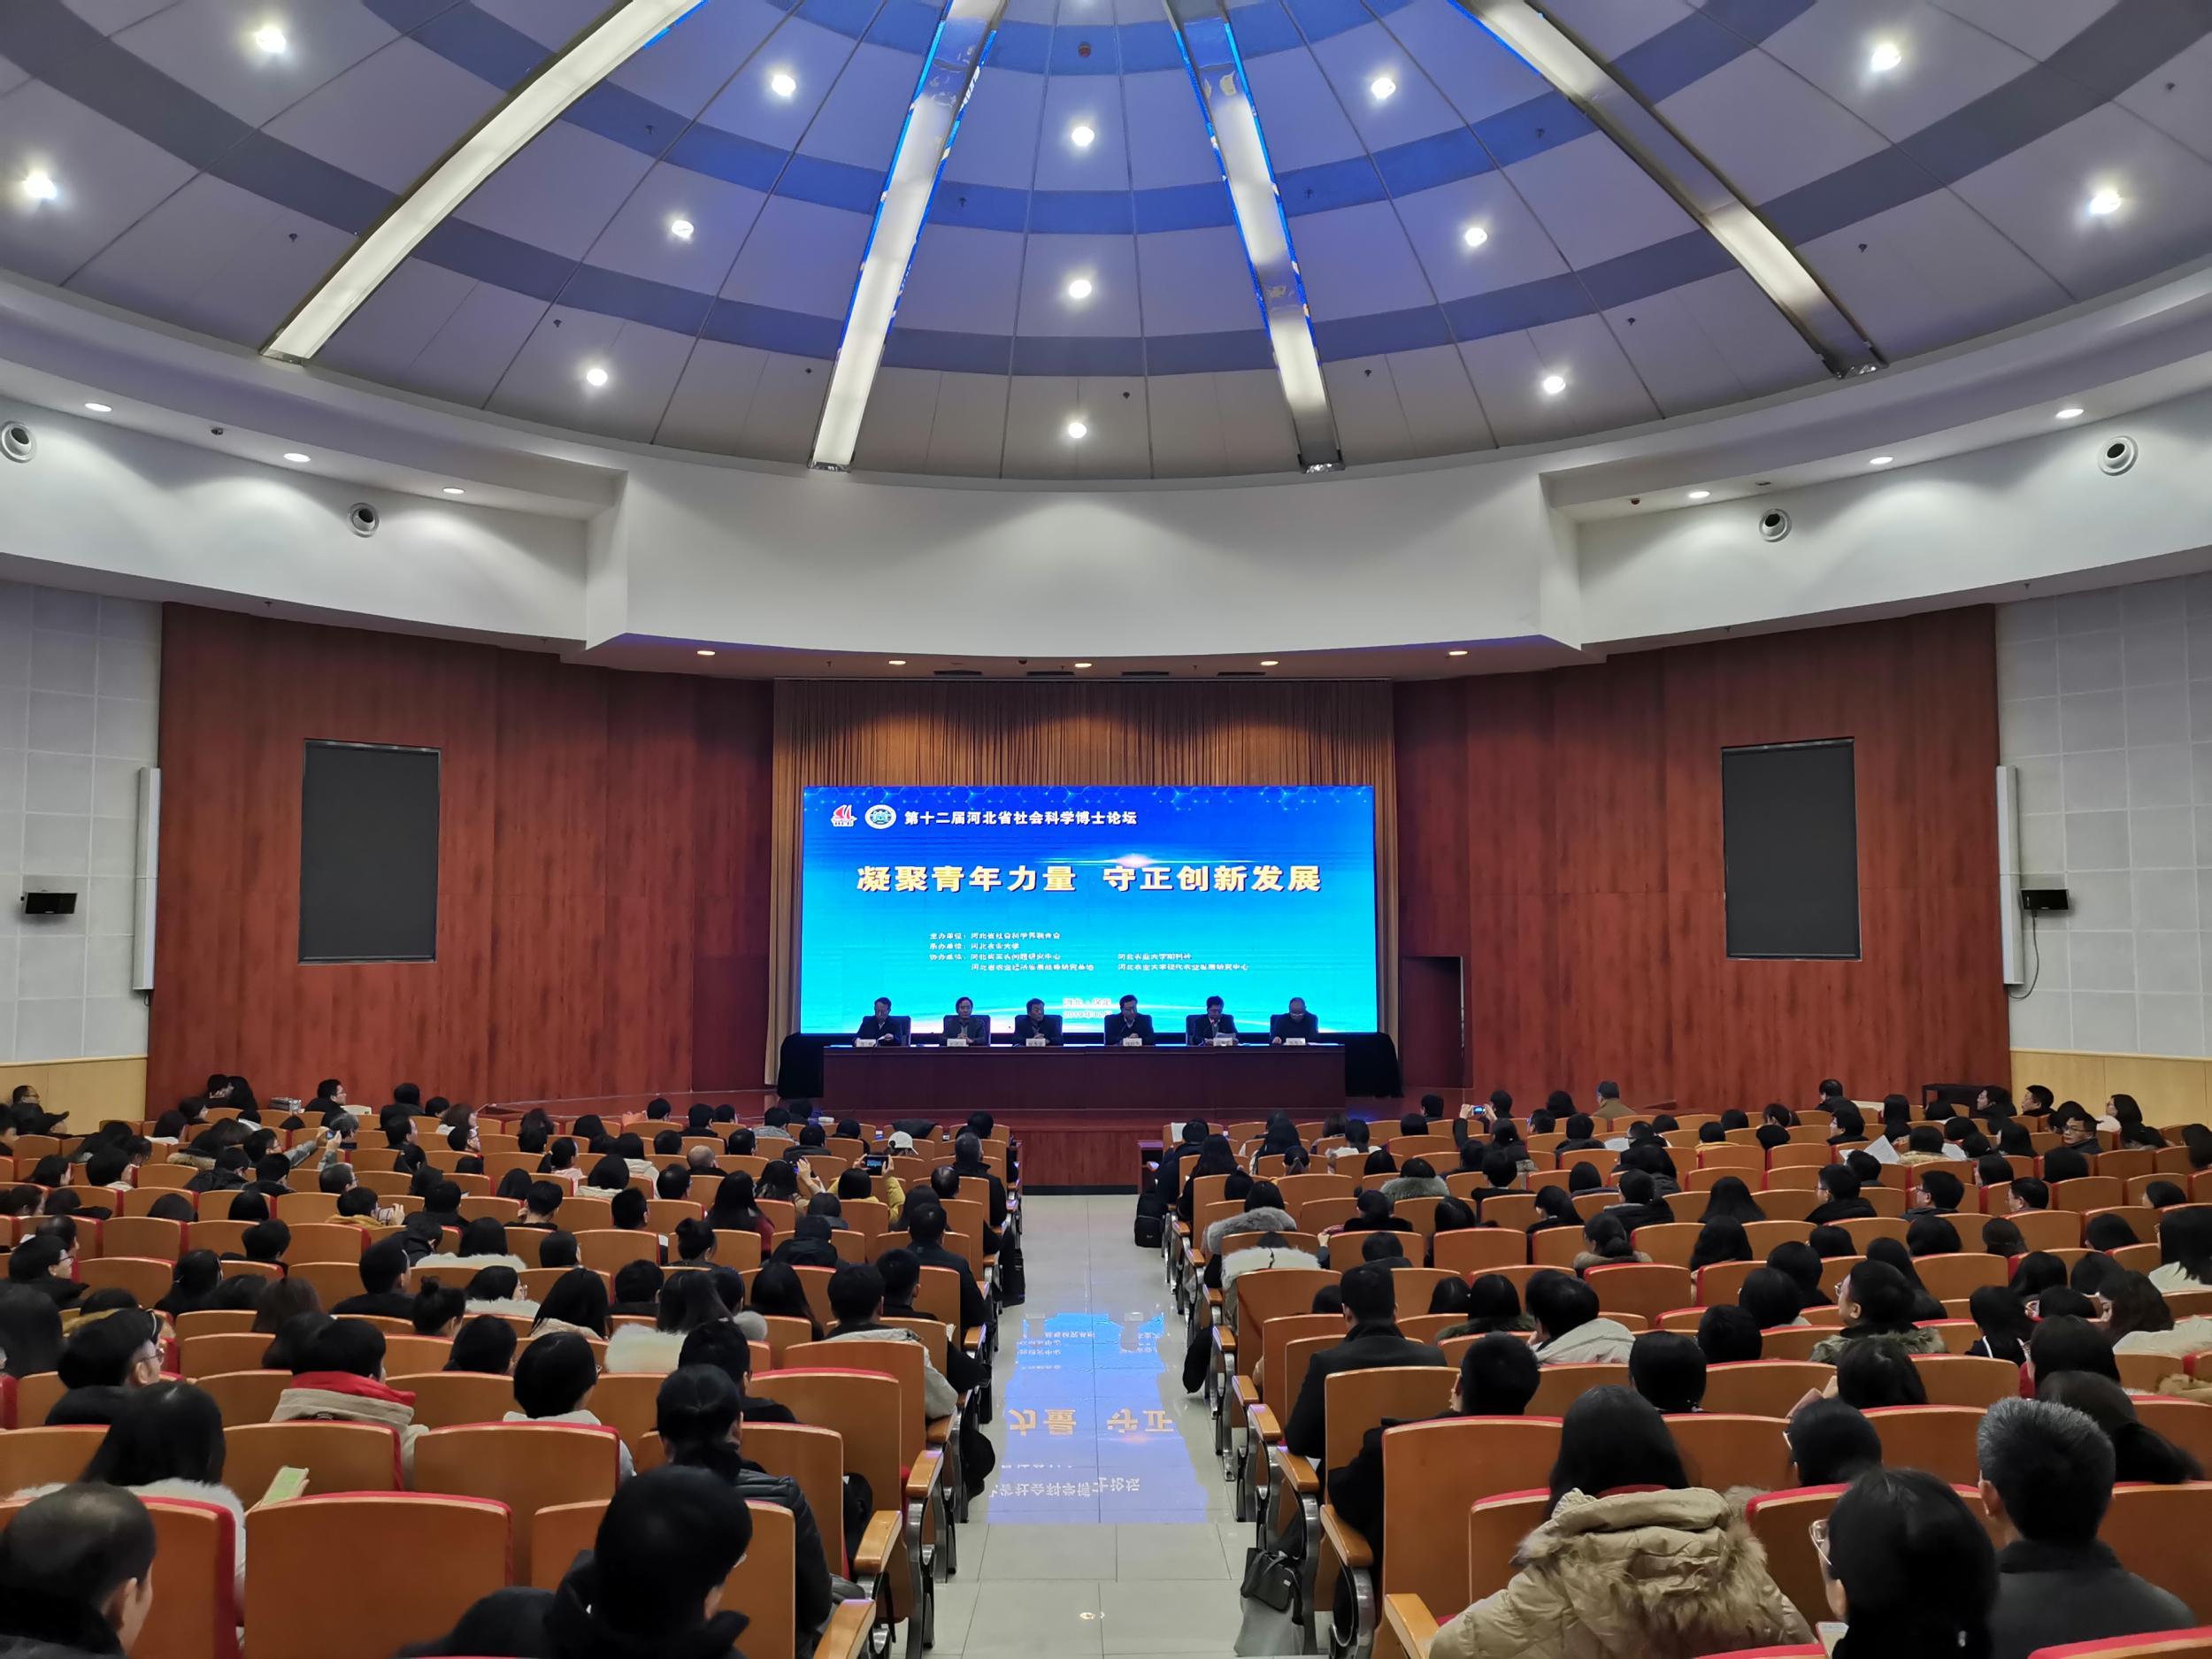 第十二届河北省社会科学博士论坛在河北农大举行